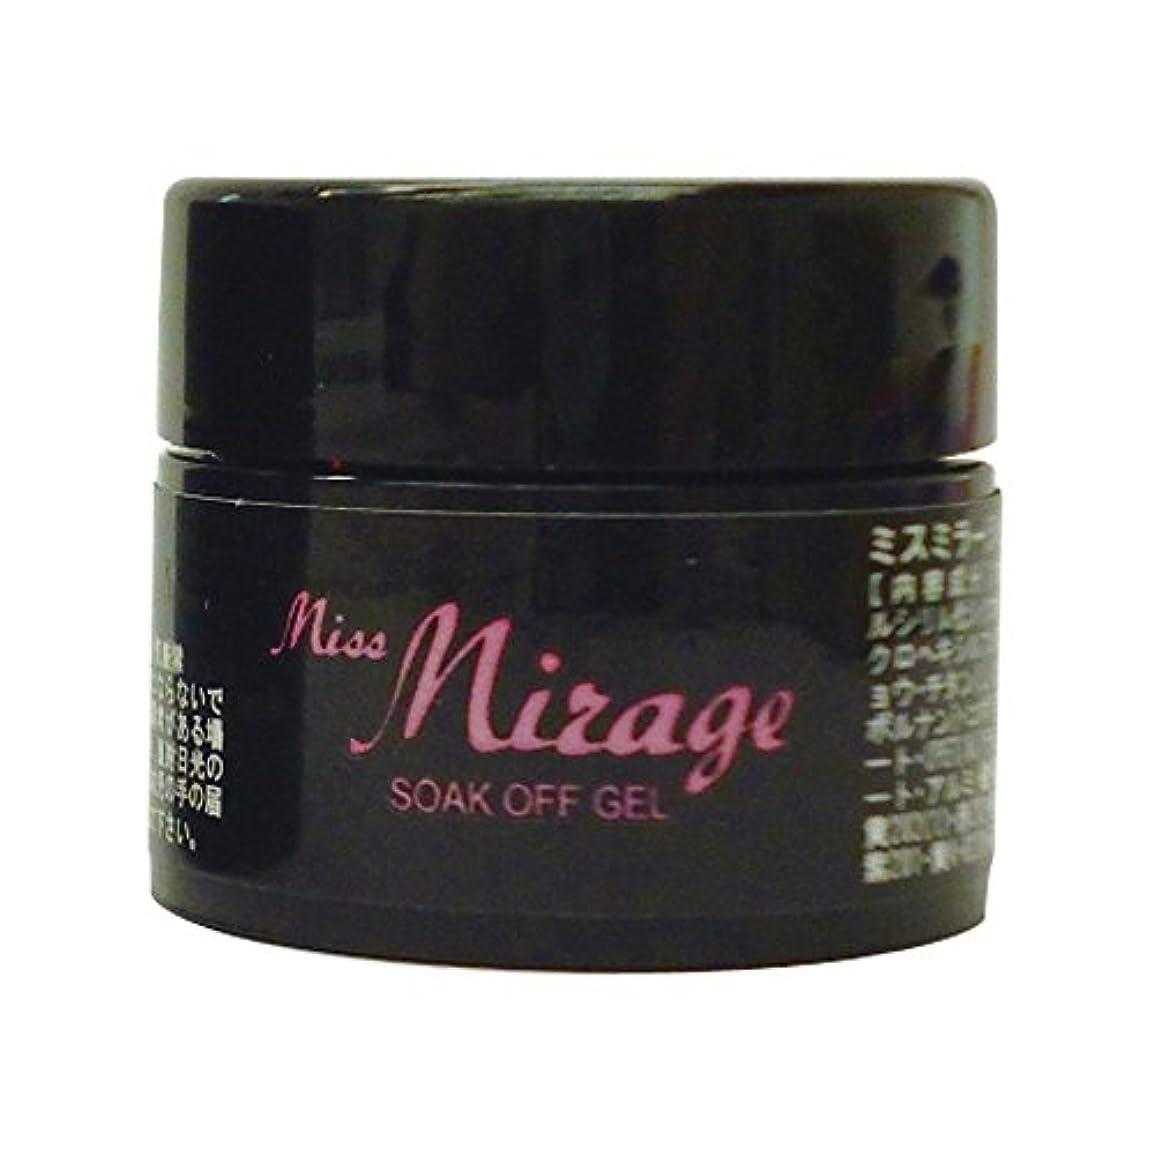 グローブじゃがいも部族Miss Mirage カラージェル S63S ミルフィーユクリーミーチェリー 2.5g UV/LED対応